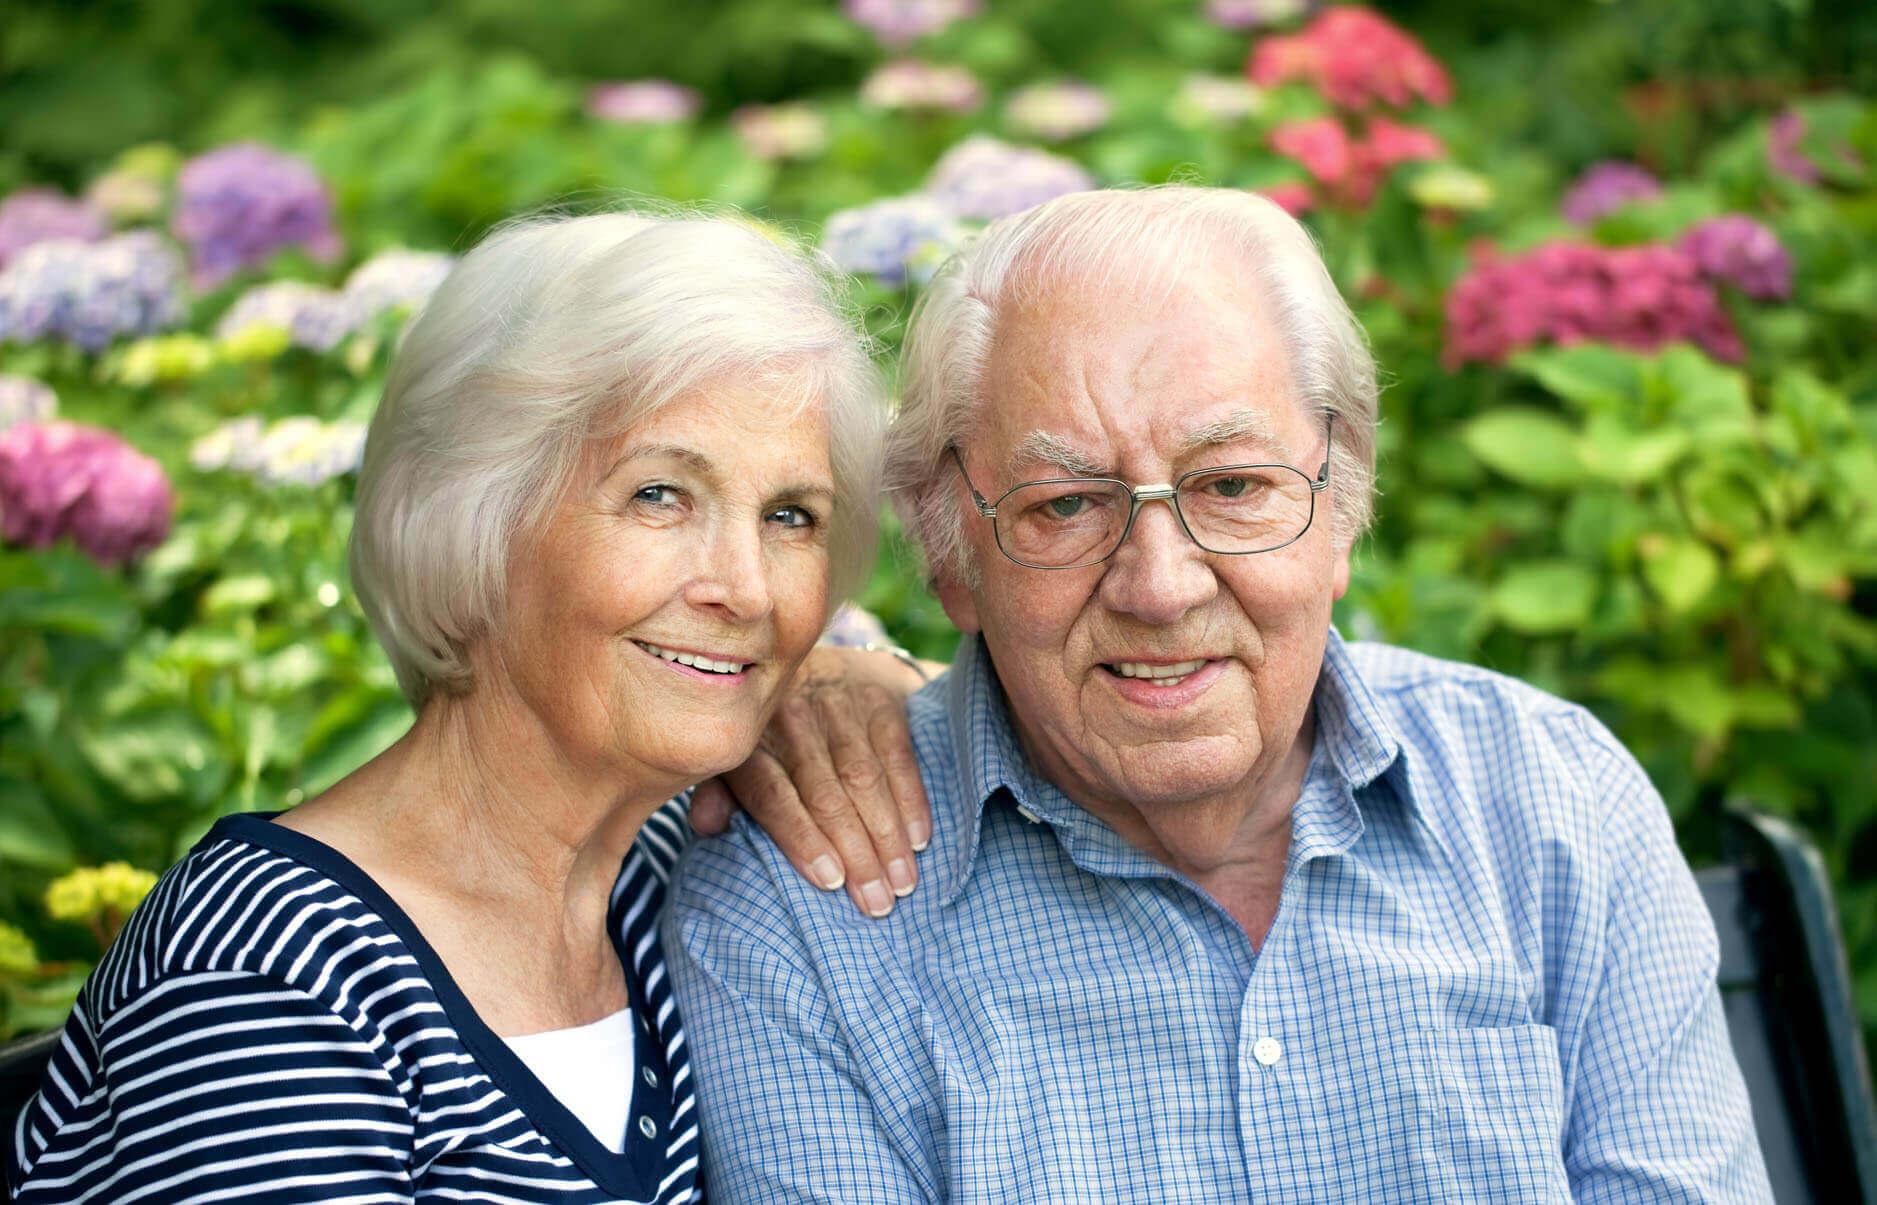 Opiekunka seniora w Niemczech z gwarantowaną emeryturą!